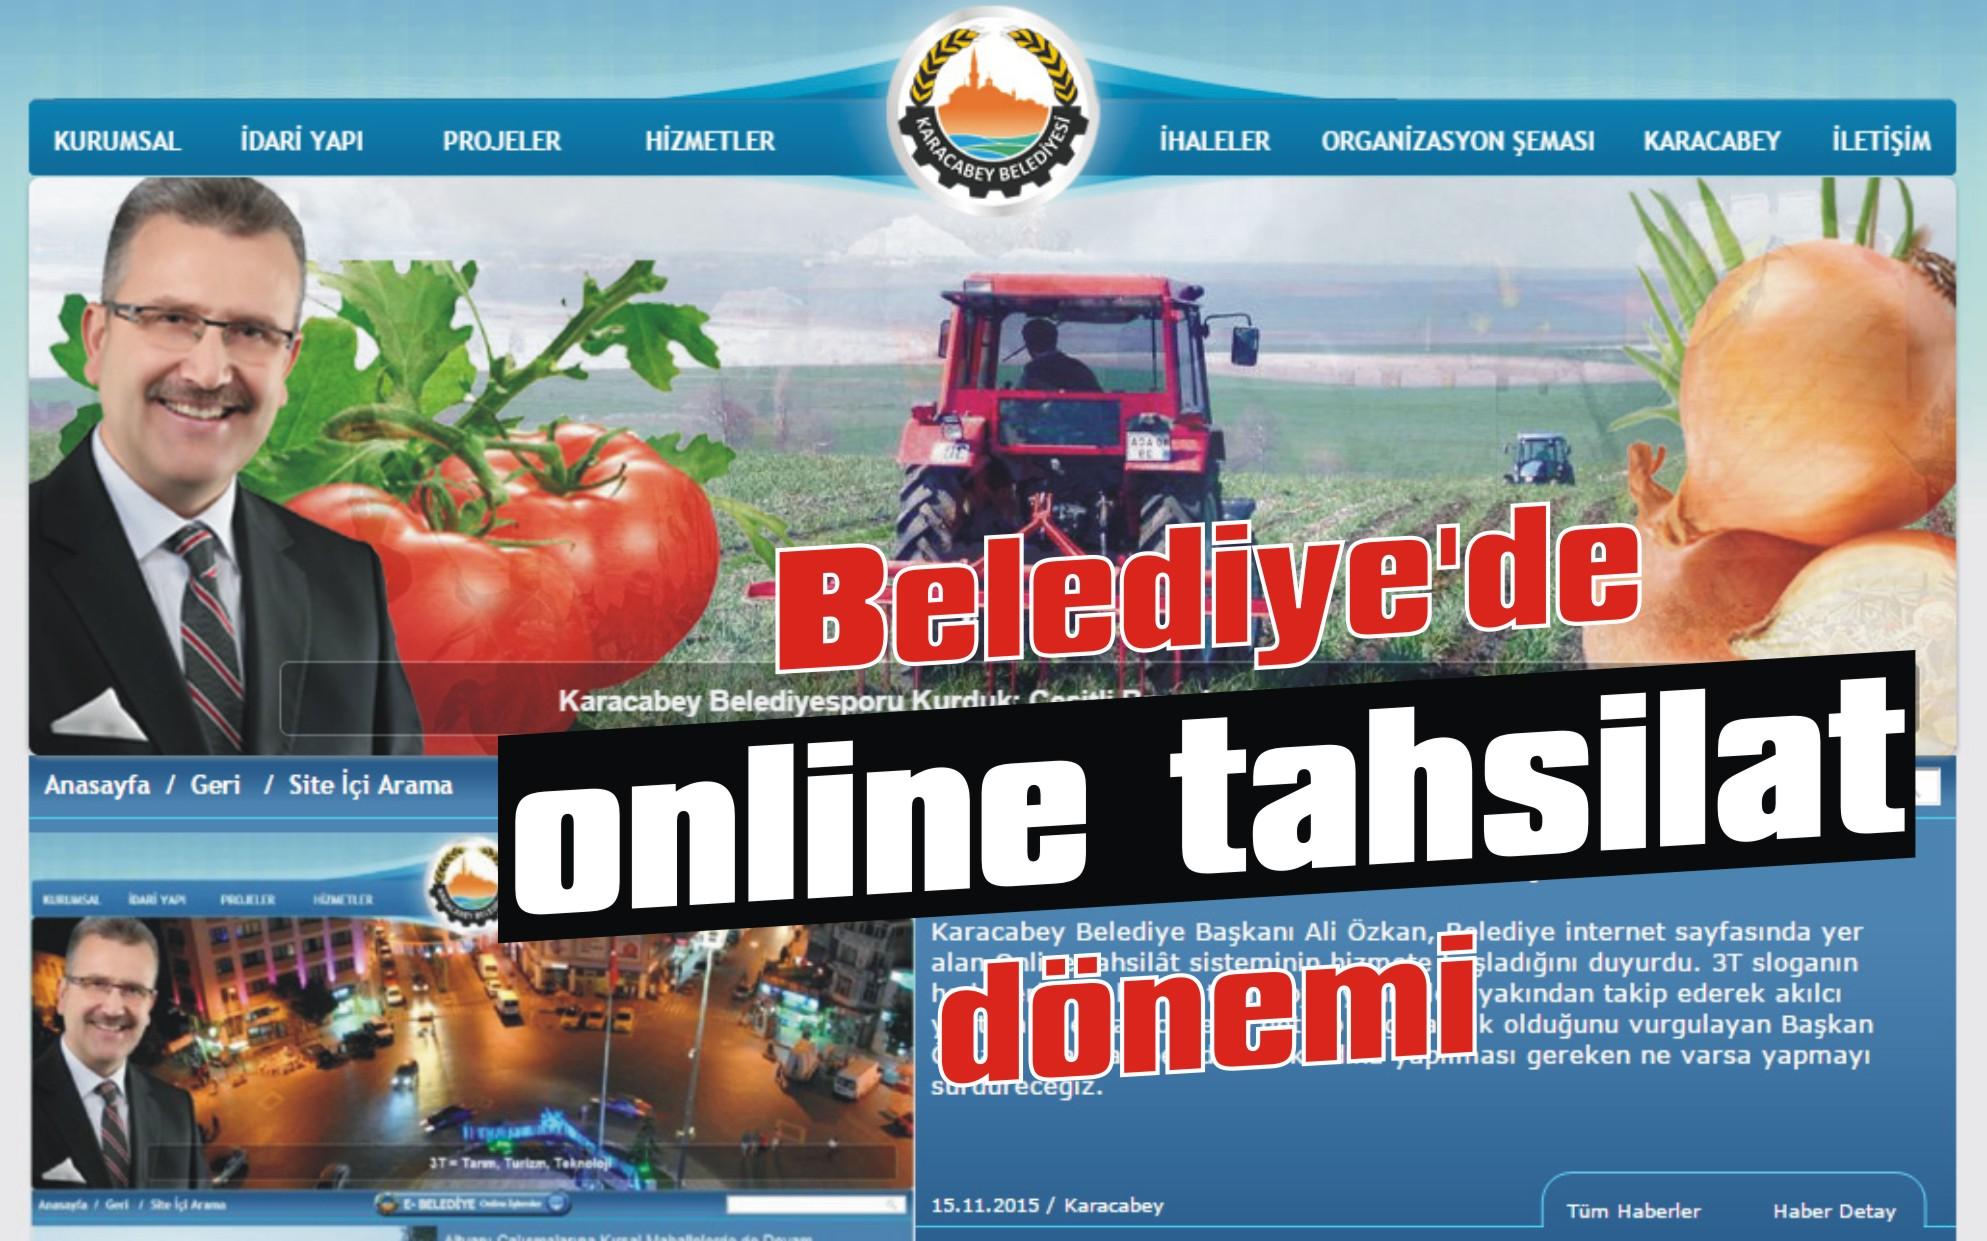 Belediye'de online tahsilat dönemi